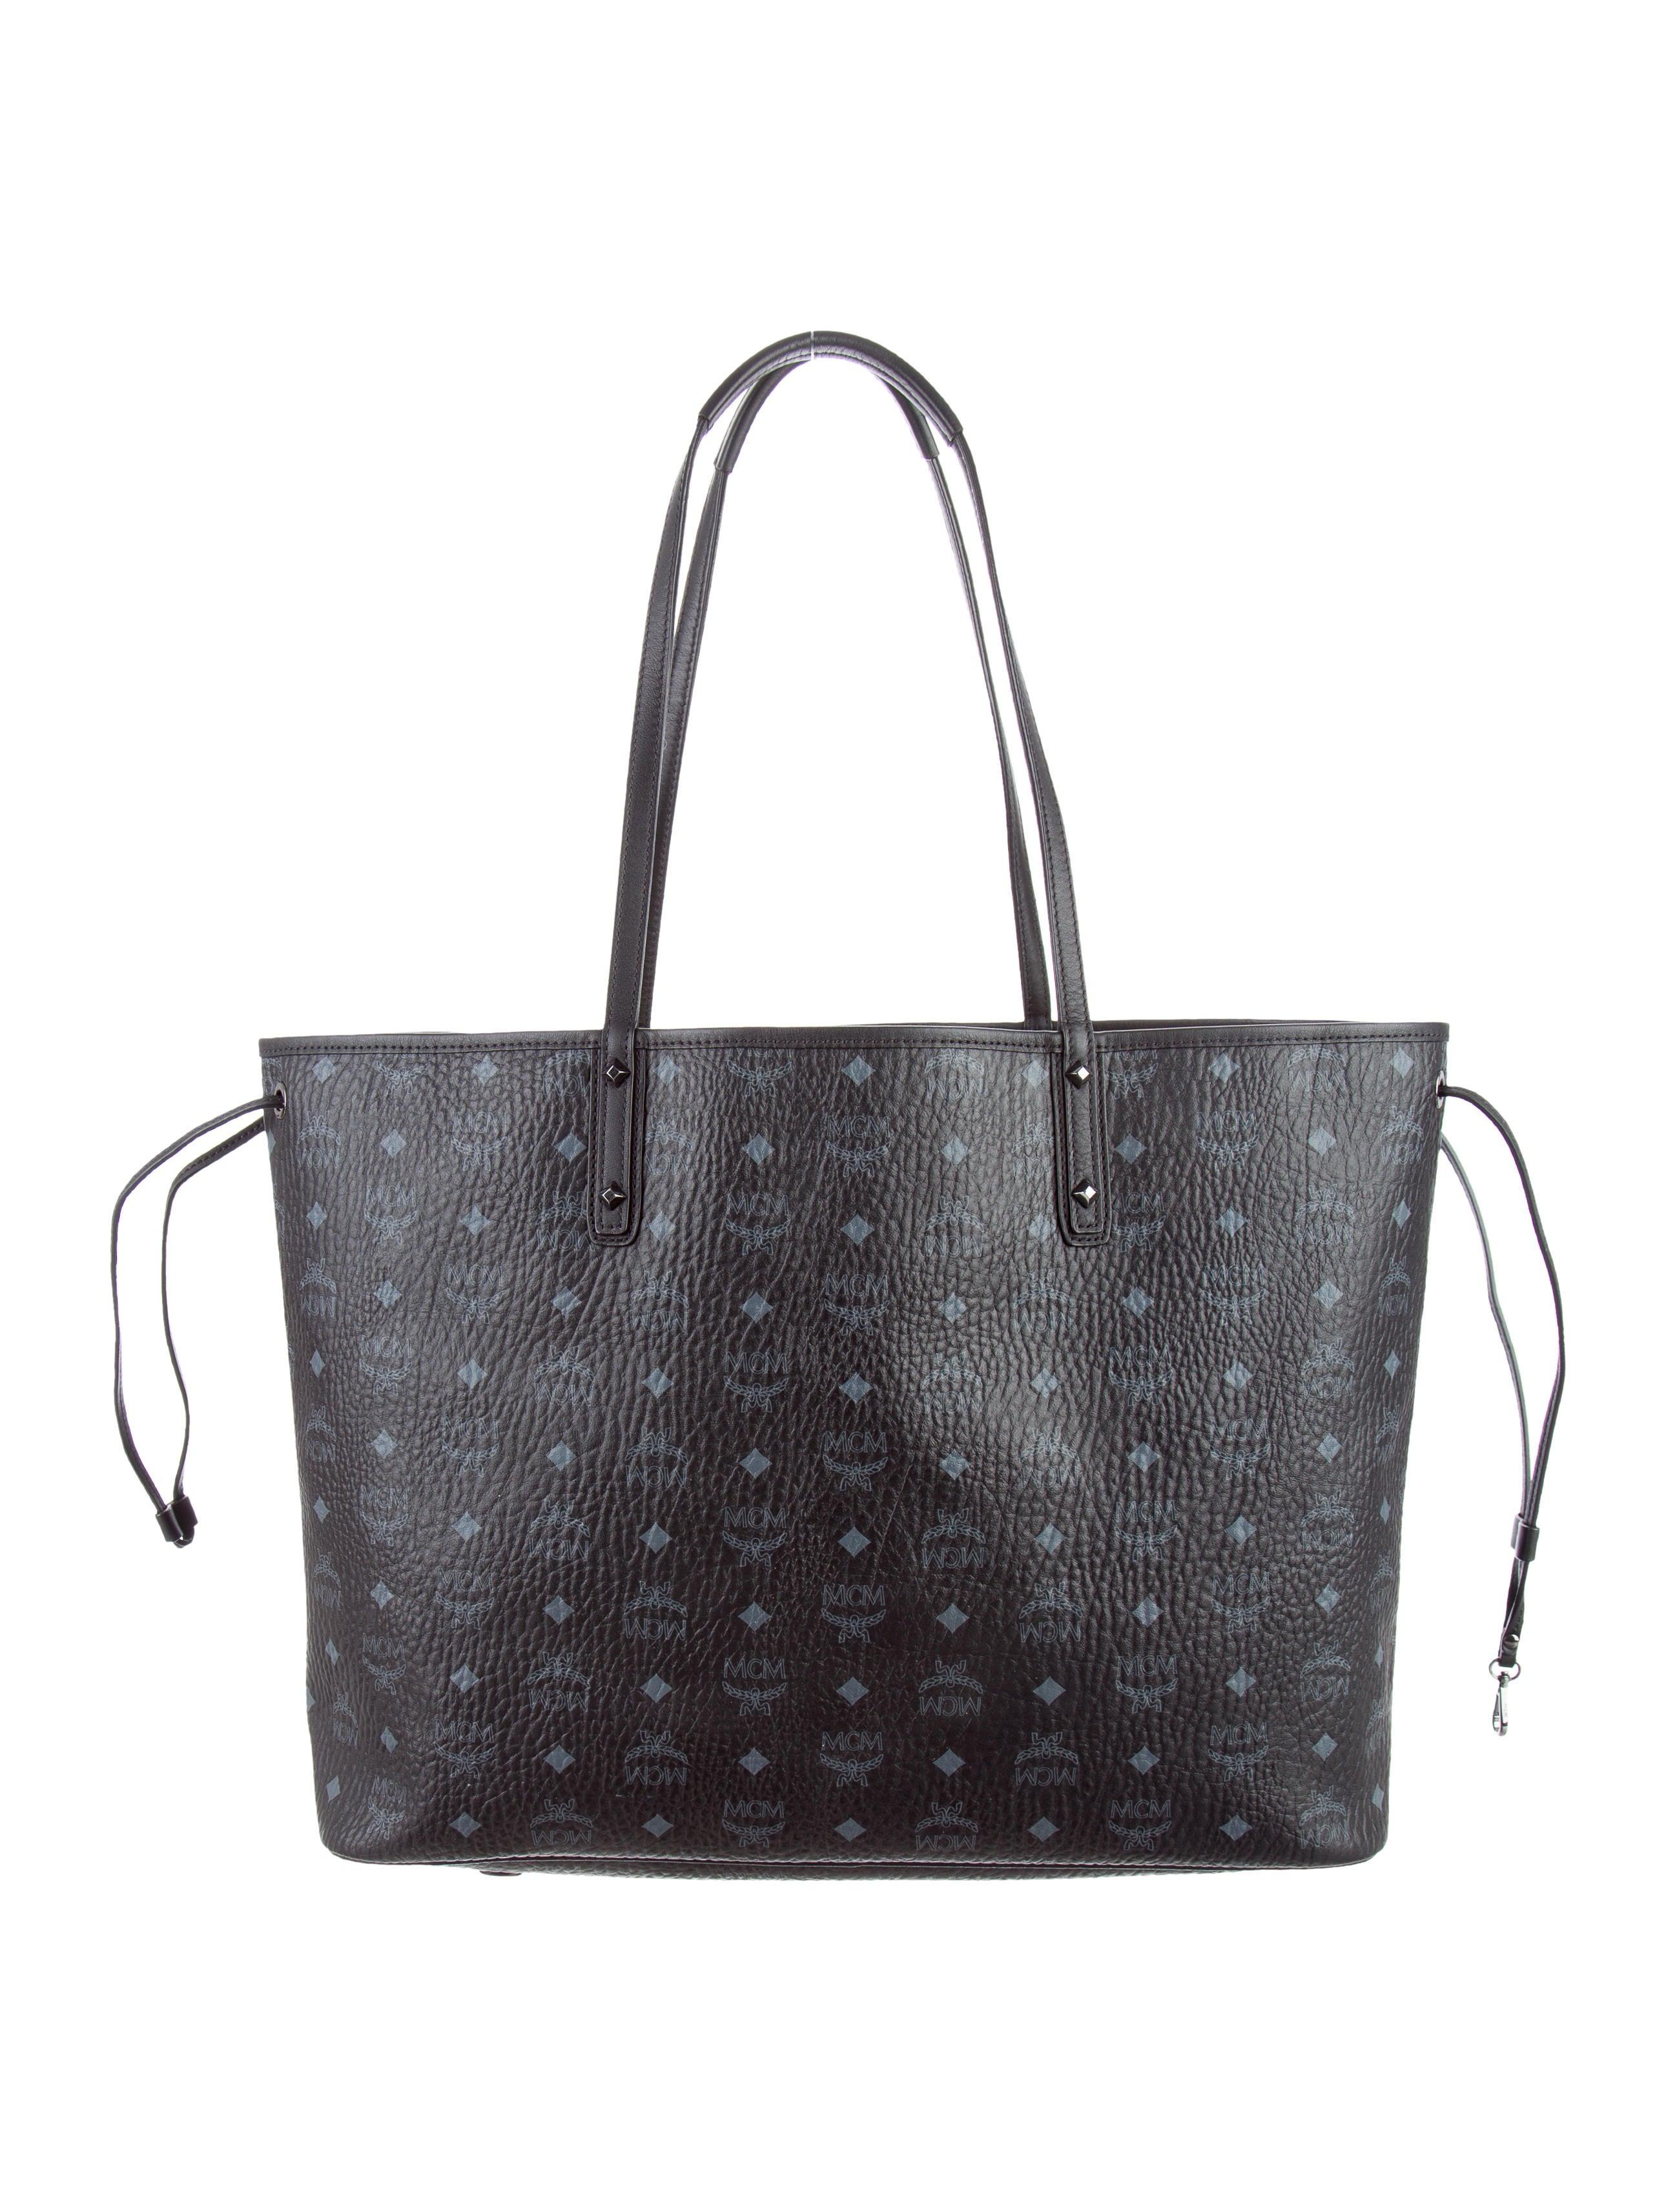 mcm large project visetos reversible shopper bag. Black Bedroom Furniture Sets. Home Design Ideas